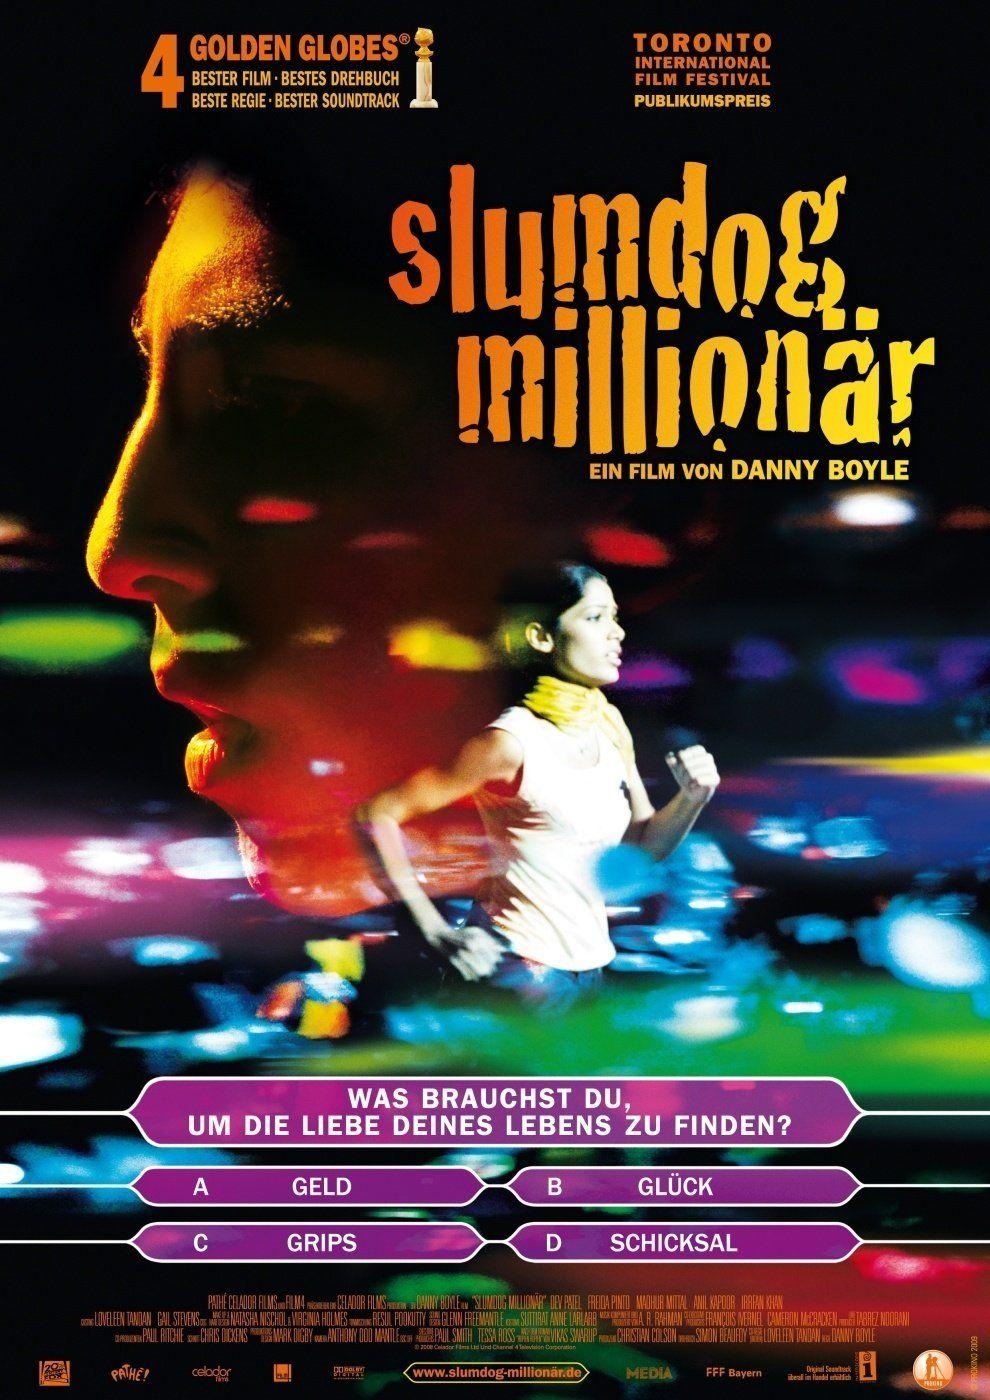 Poster design online free download - Slumdog Millionaire 2008 Full Movie Khatrimaza Watch Online Free Download Brrip Khatrimaza Wapka Me